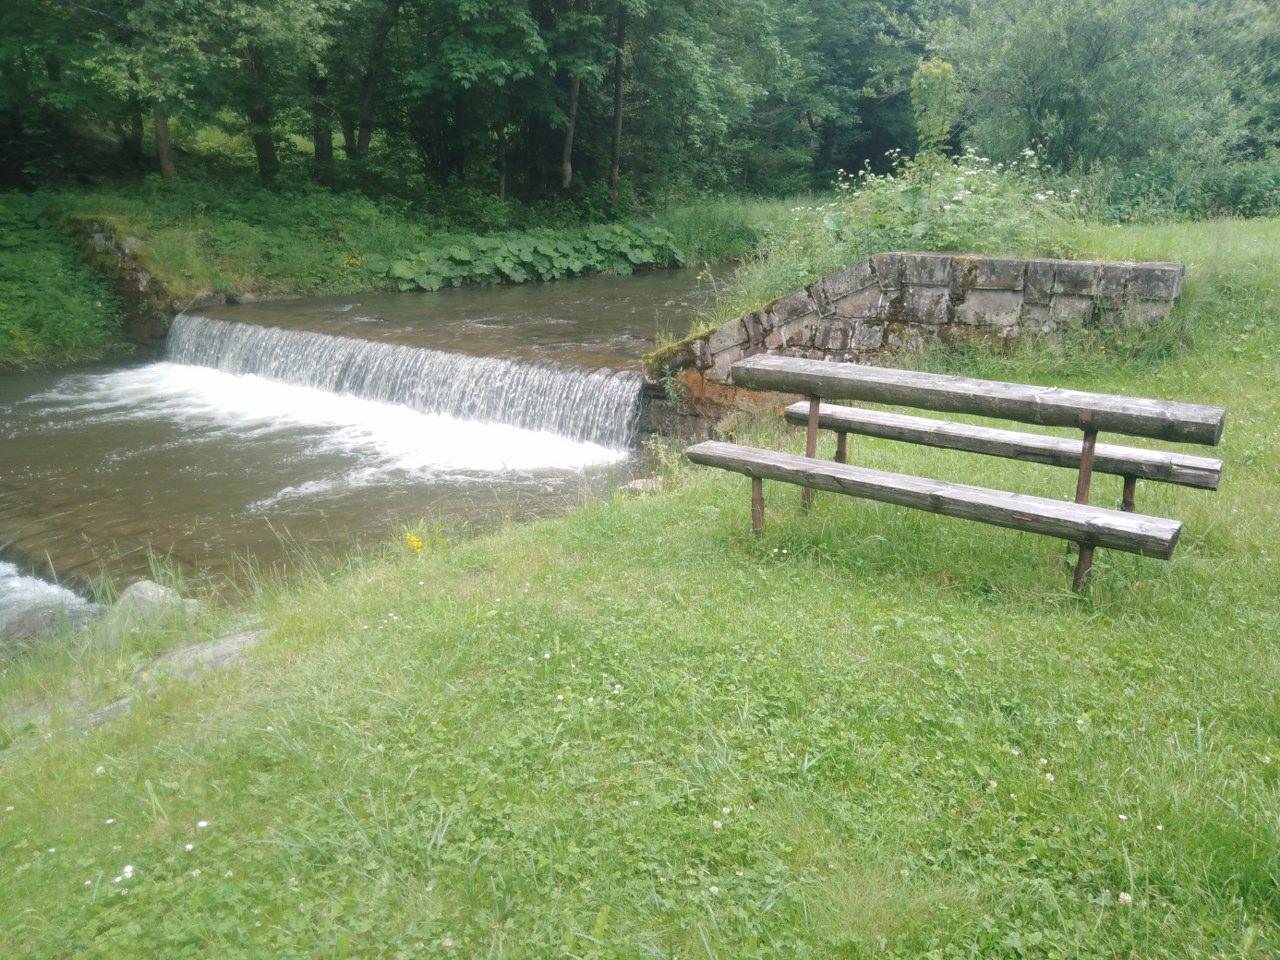 https://www.kempy-chaty.cz/sites/default/files/turistika/relax_u_zajonca_-_potok.jpg